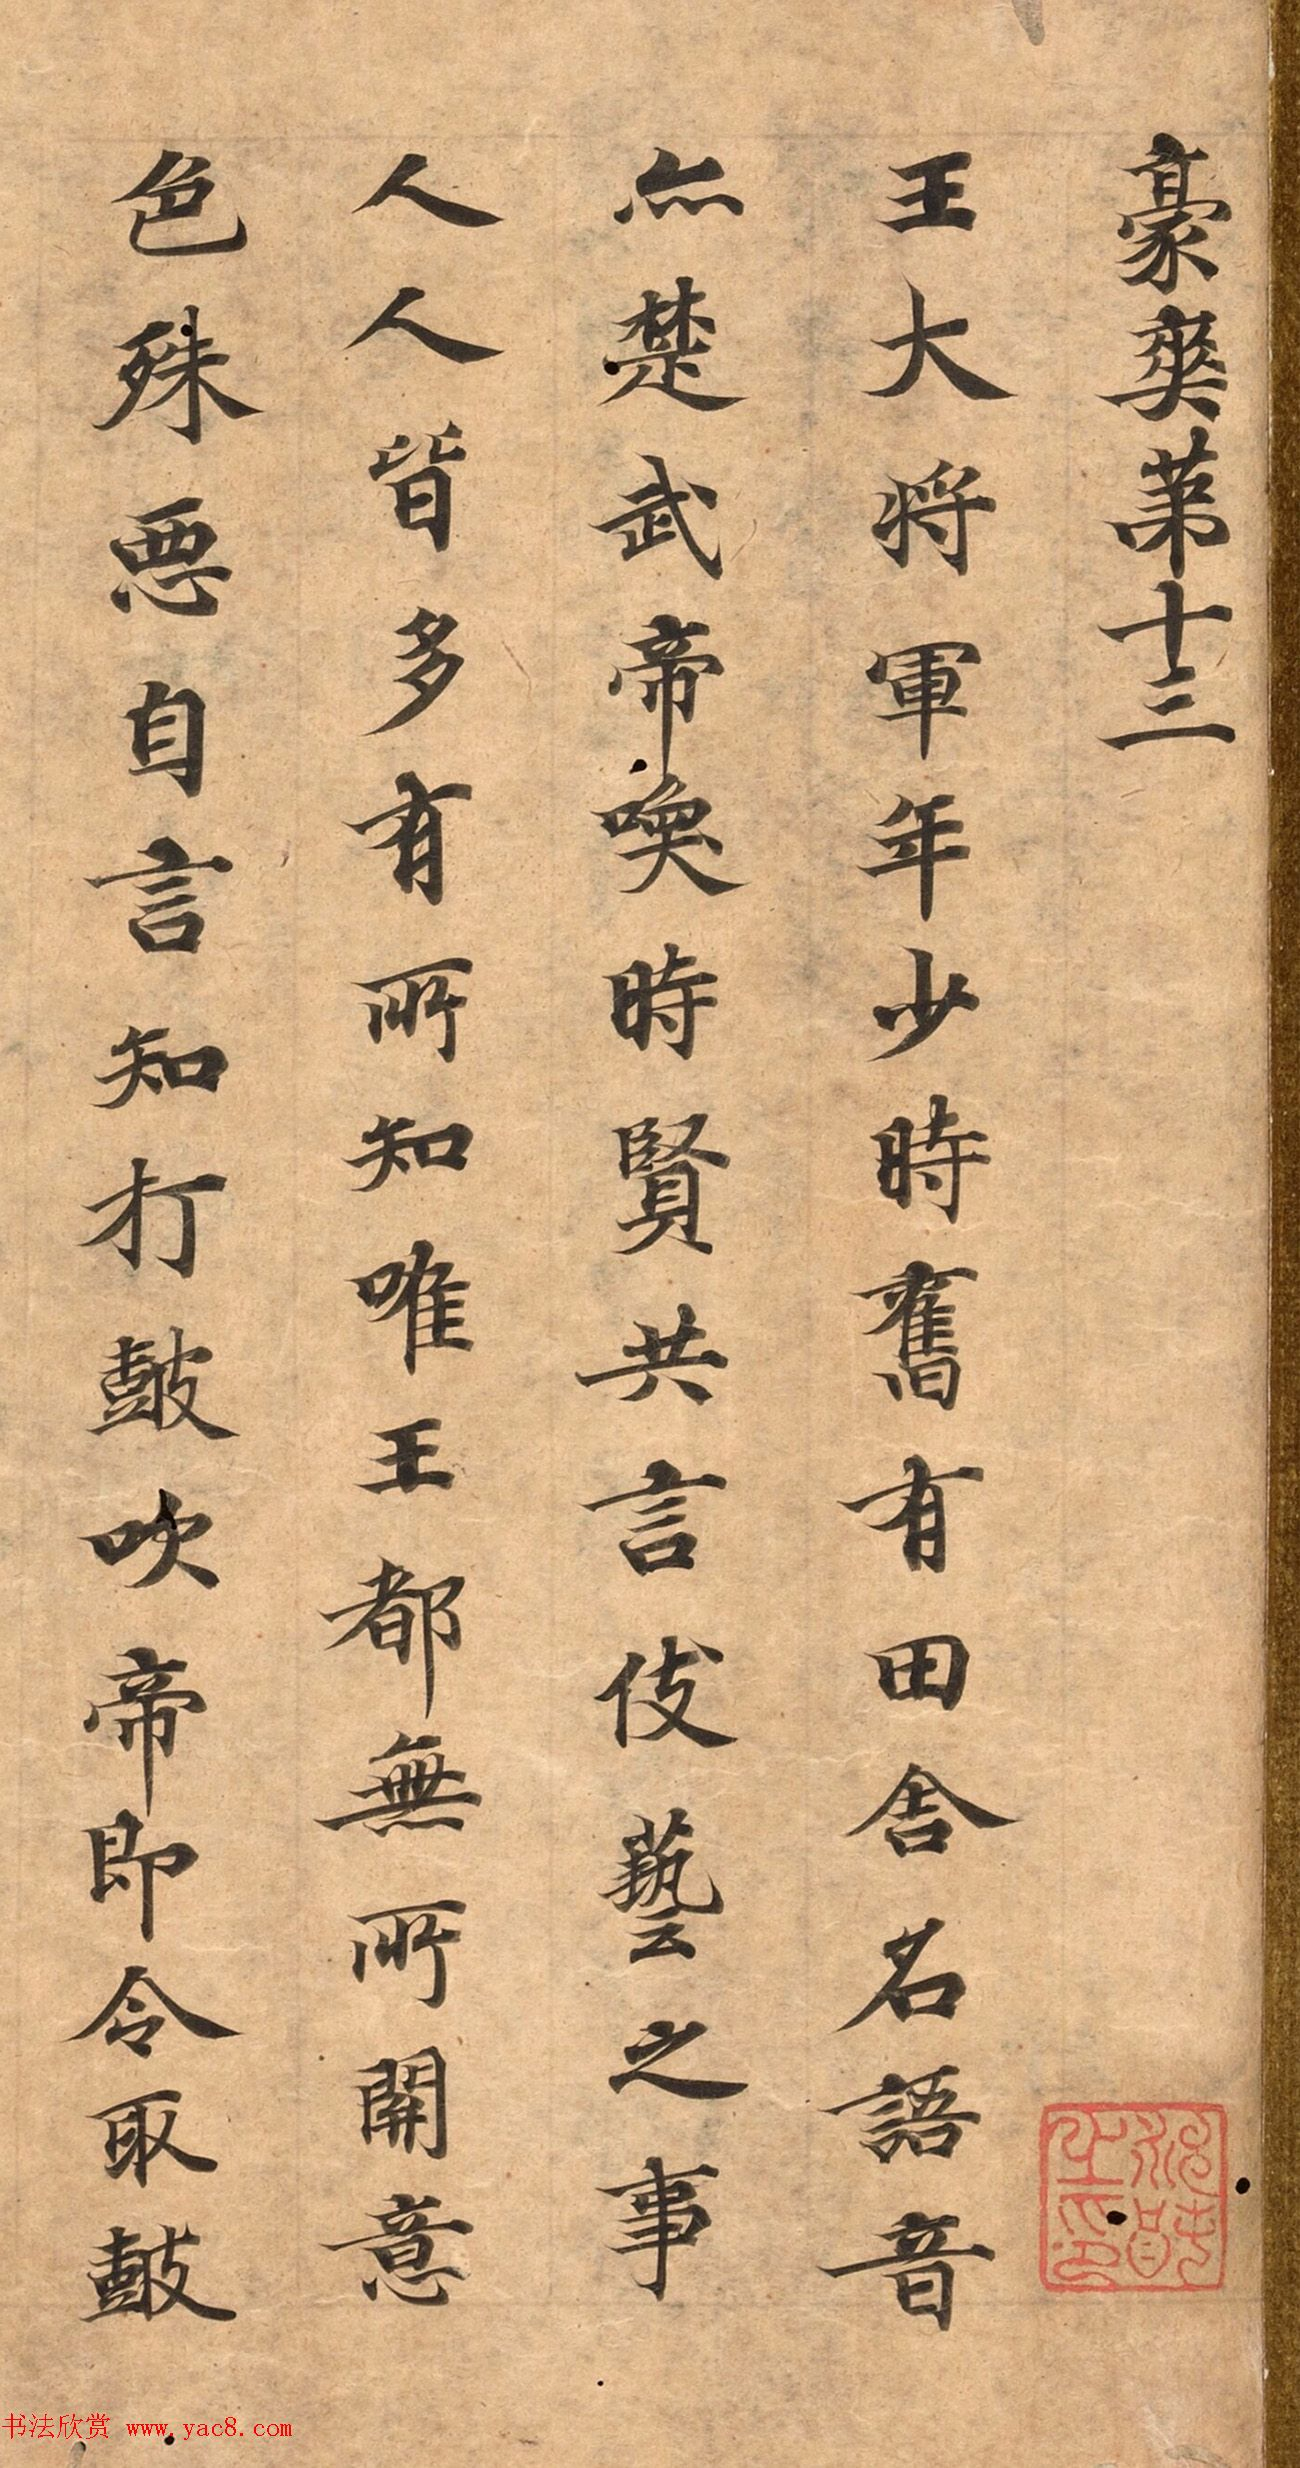 唐代小楷抄本《世说新书》第六卷